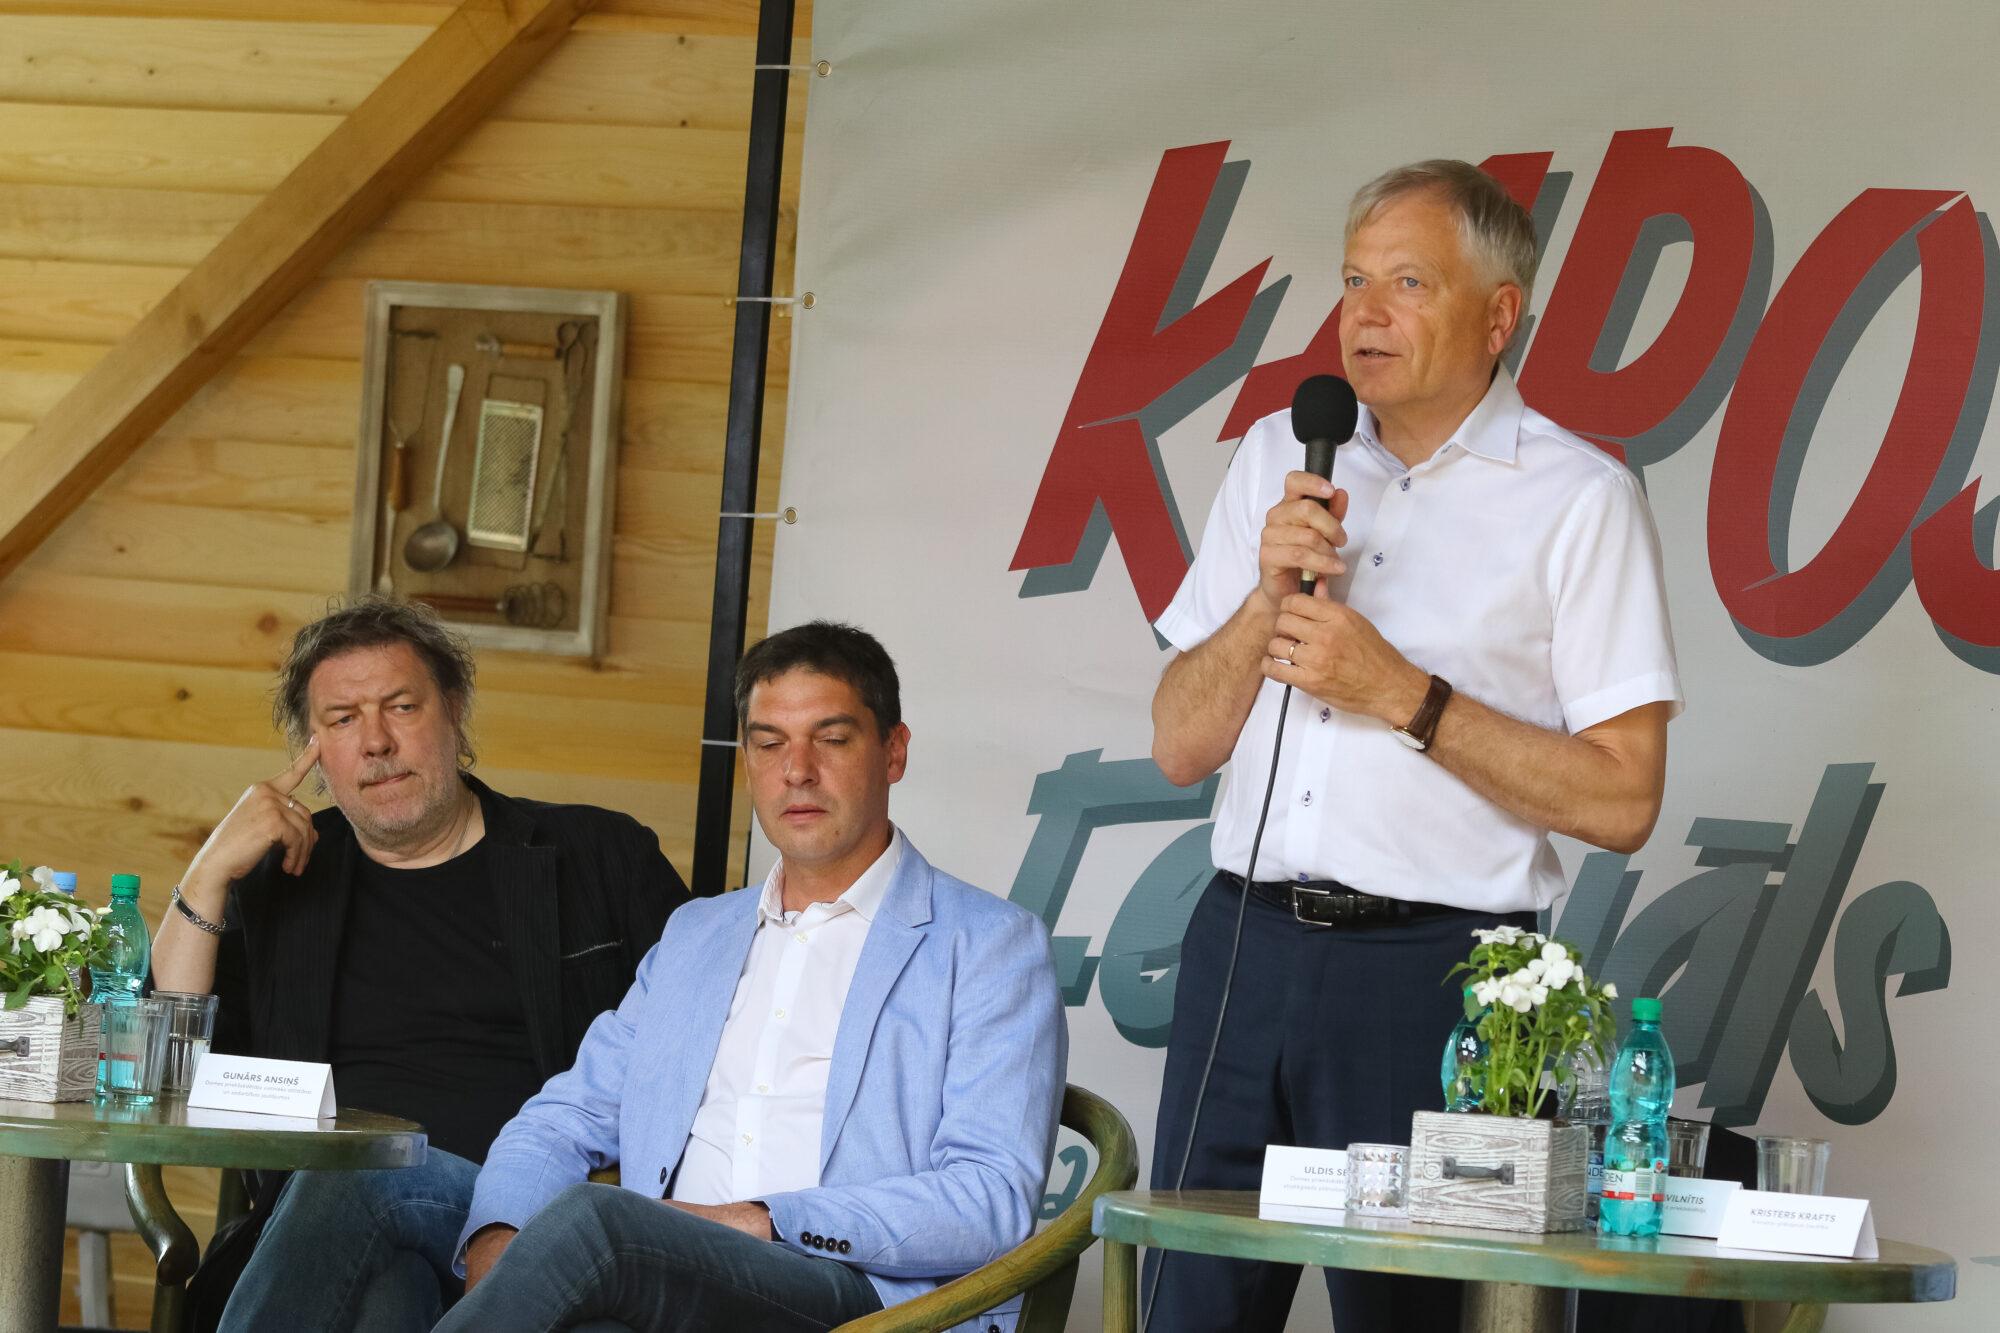 Liepājas SEZ ar iedzīvotājiem diskutē par attīstības iespējām Karostā